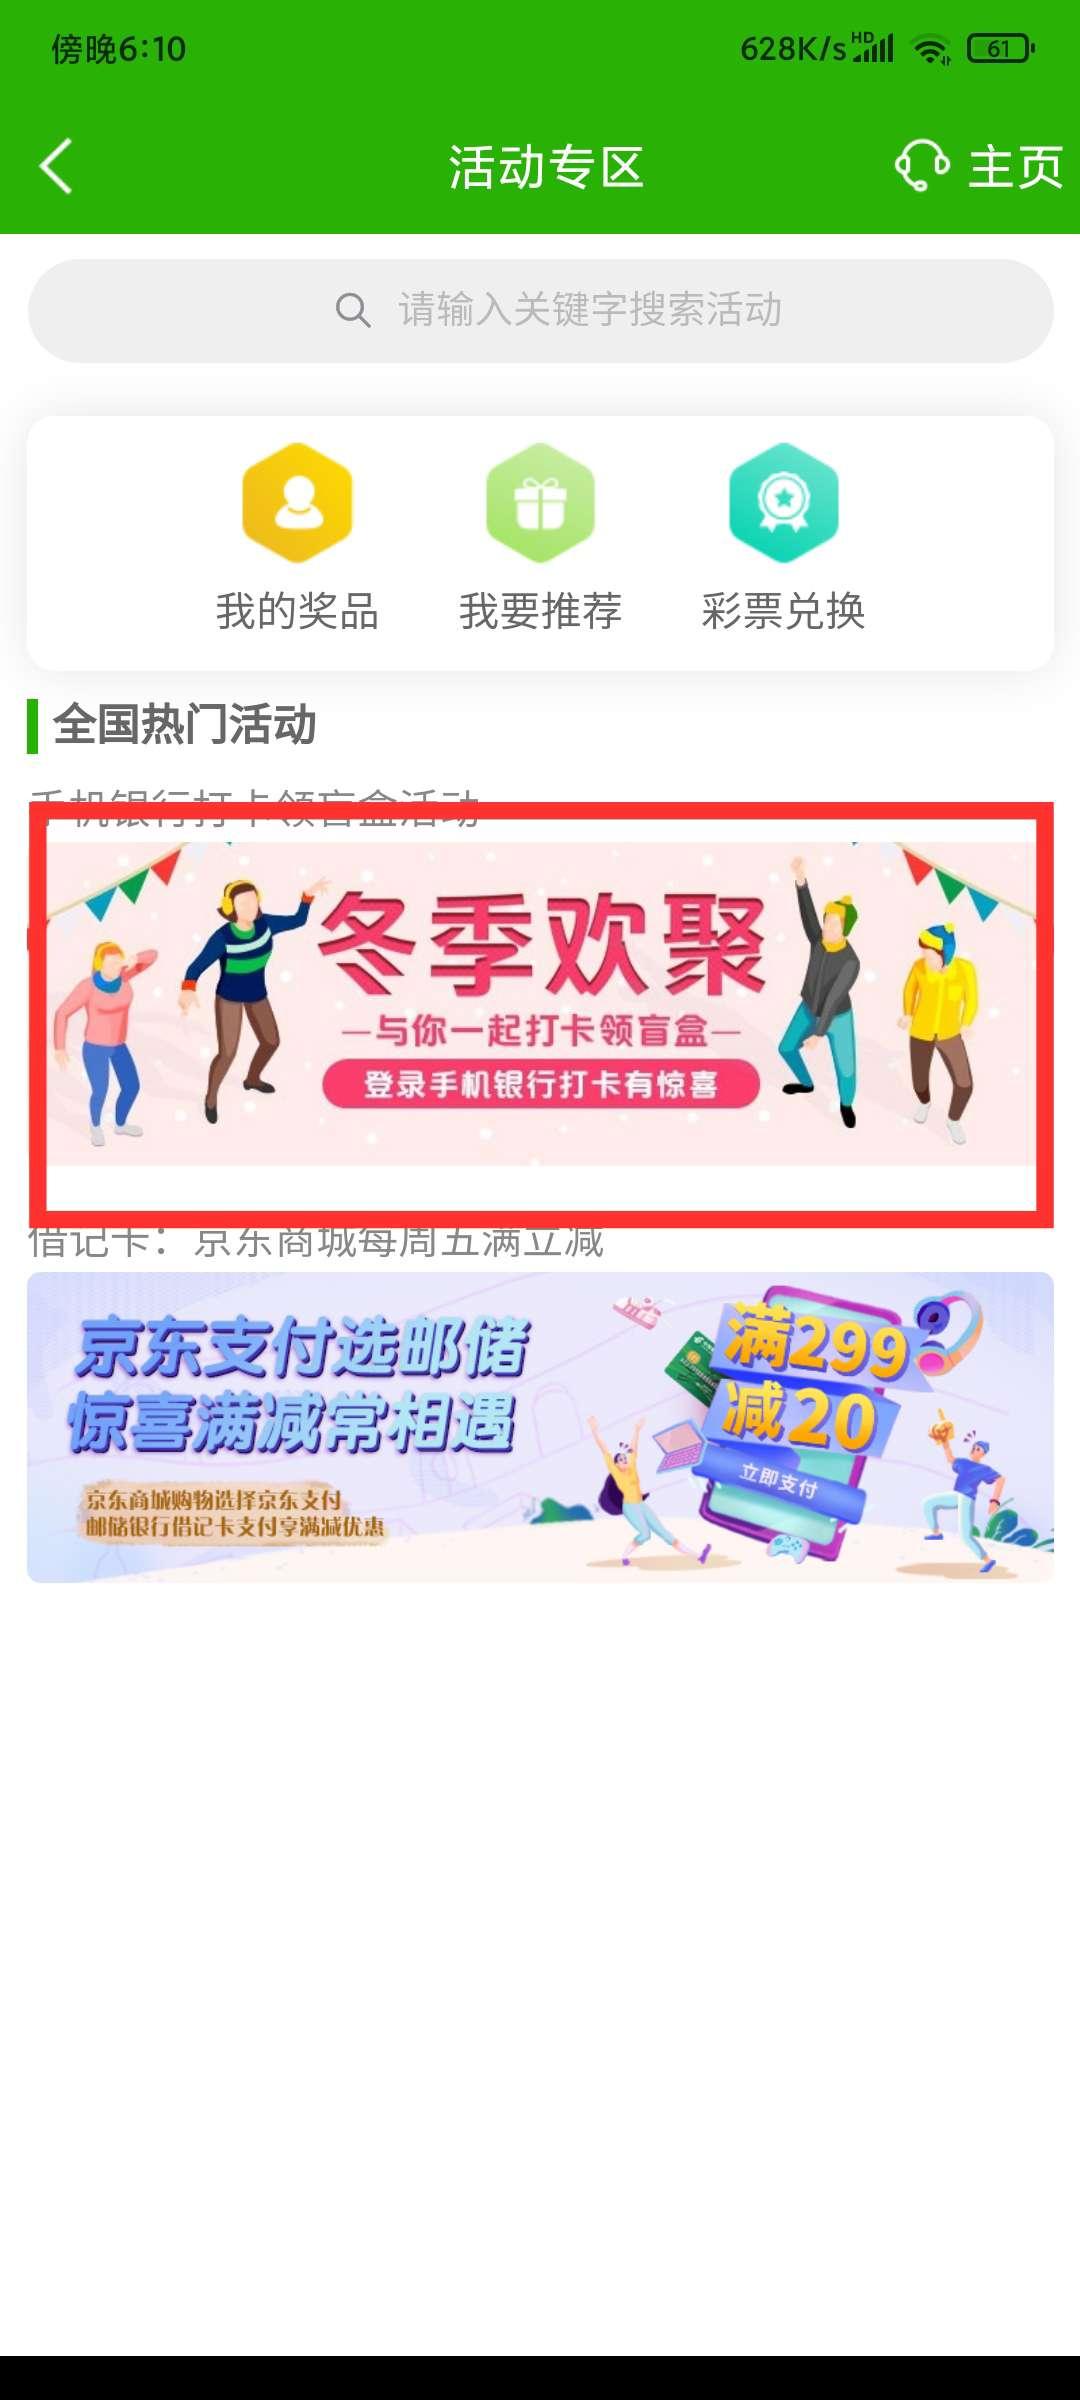 邮政银行app新一期打卡抽京东E卡插图1